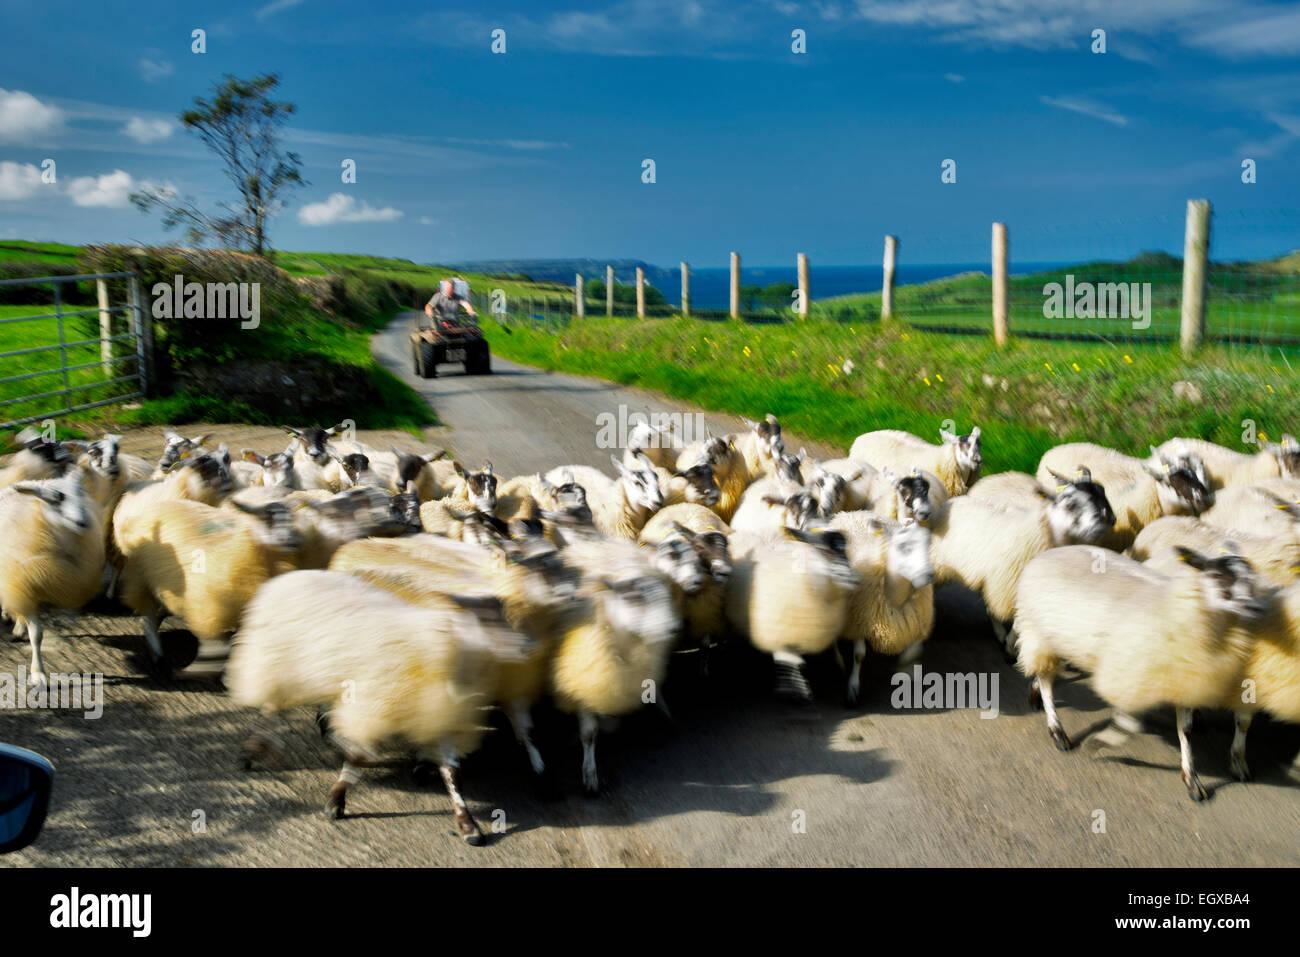 Pecore che viene spostato verso il basso su strada. Torr testa. L'Irlanda del Nord. Immagini Stock